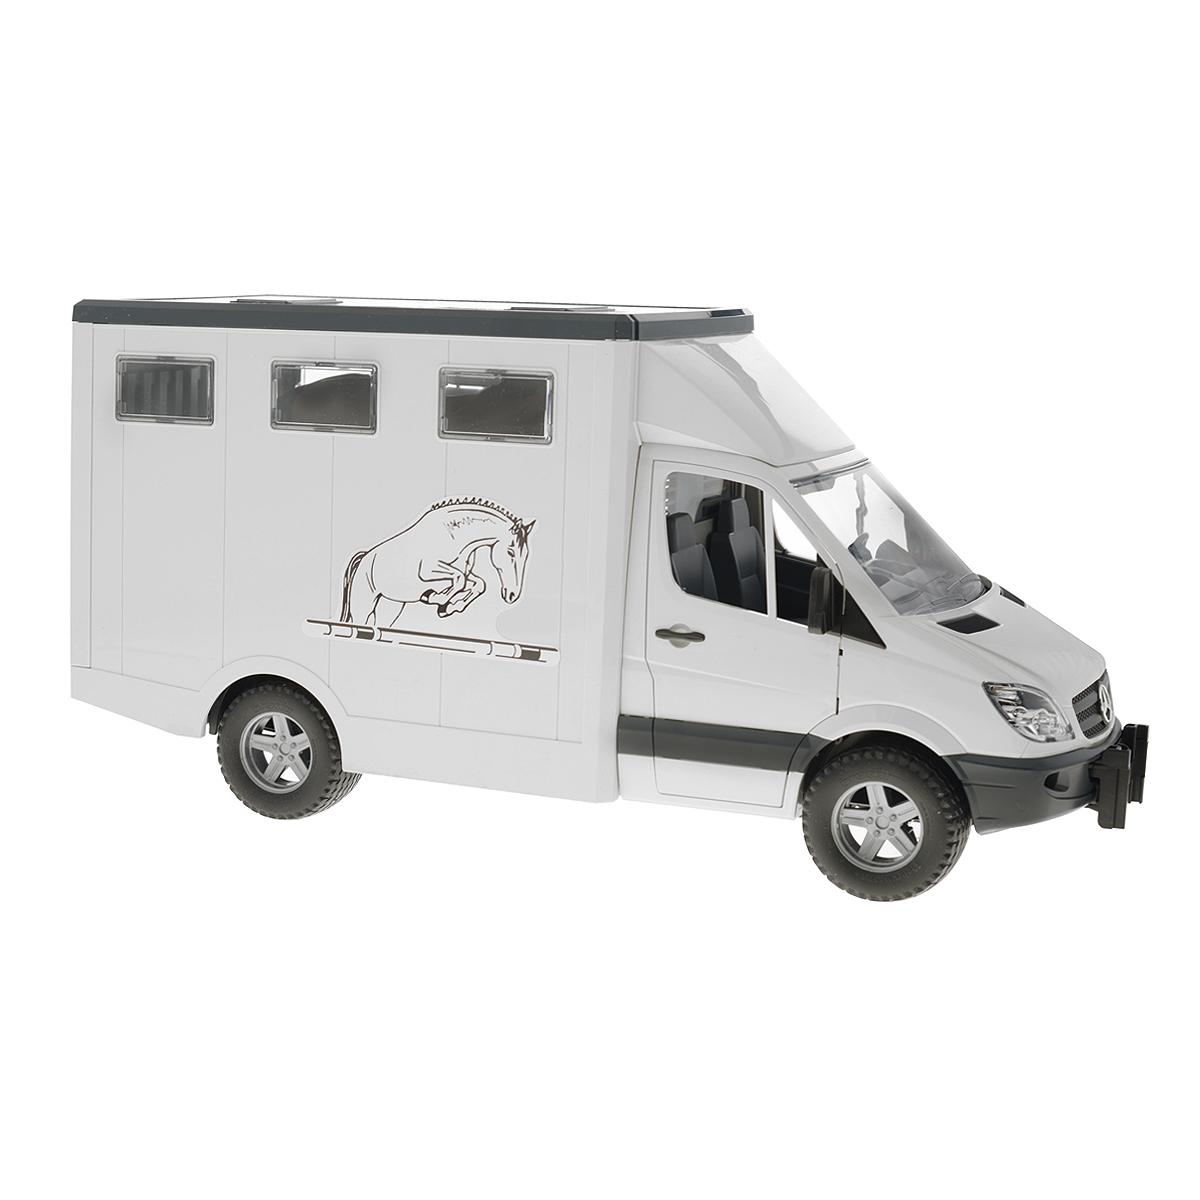 Фургон Bruder Mercedes-Benz, с лошадью, цвет: белый, серый tomy прицеп для перевозки лошадей с лошадью и жеребенком с 3 лет